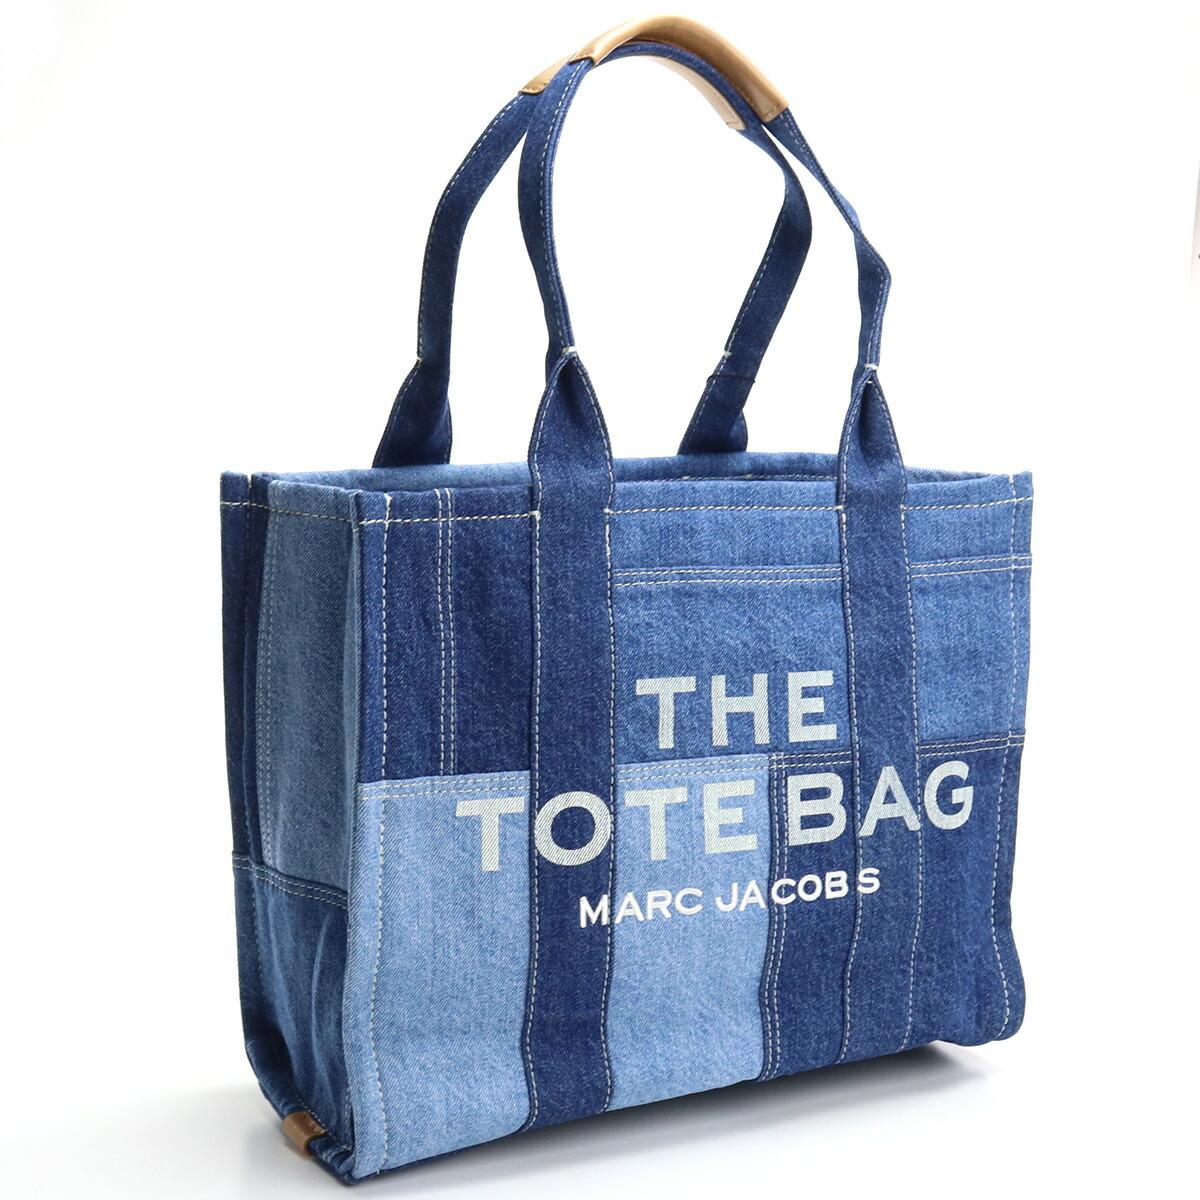 マーク・ジェイコブス MARC JACOBS  トートバッグ ブランドバッグ ブランドロゴ H018M06FA21 422 THE DENIM LARGE TOTE BAG BLUE DENIM ブルー系 bag-01